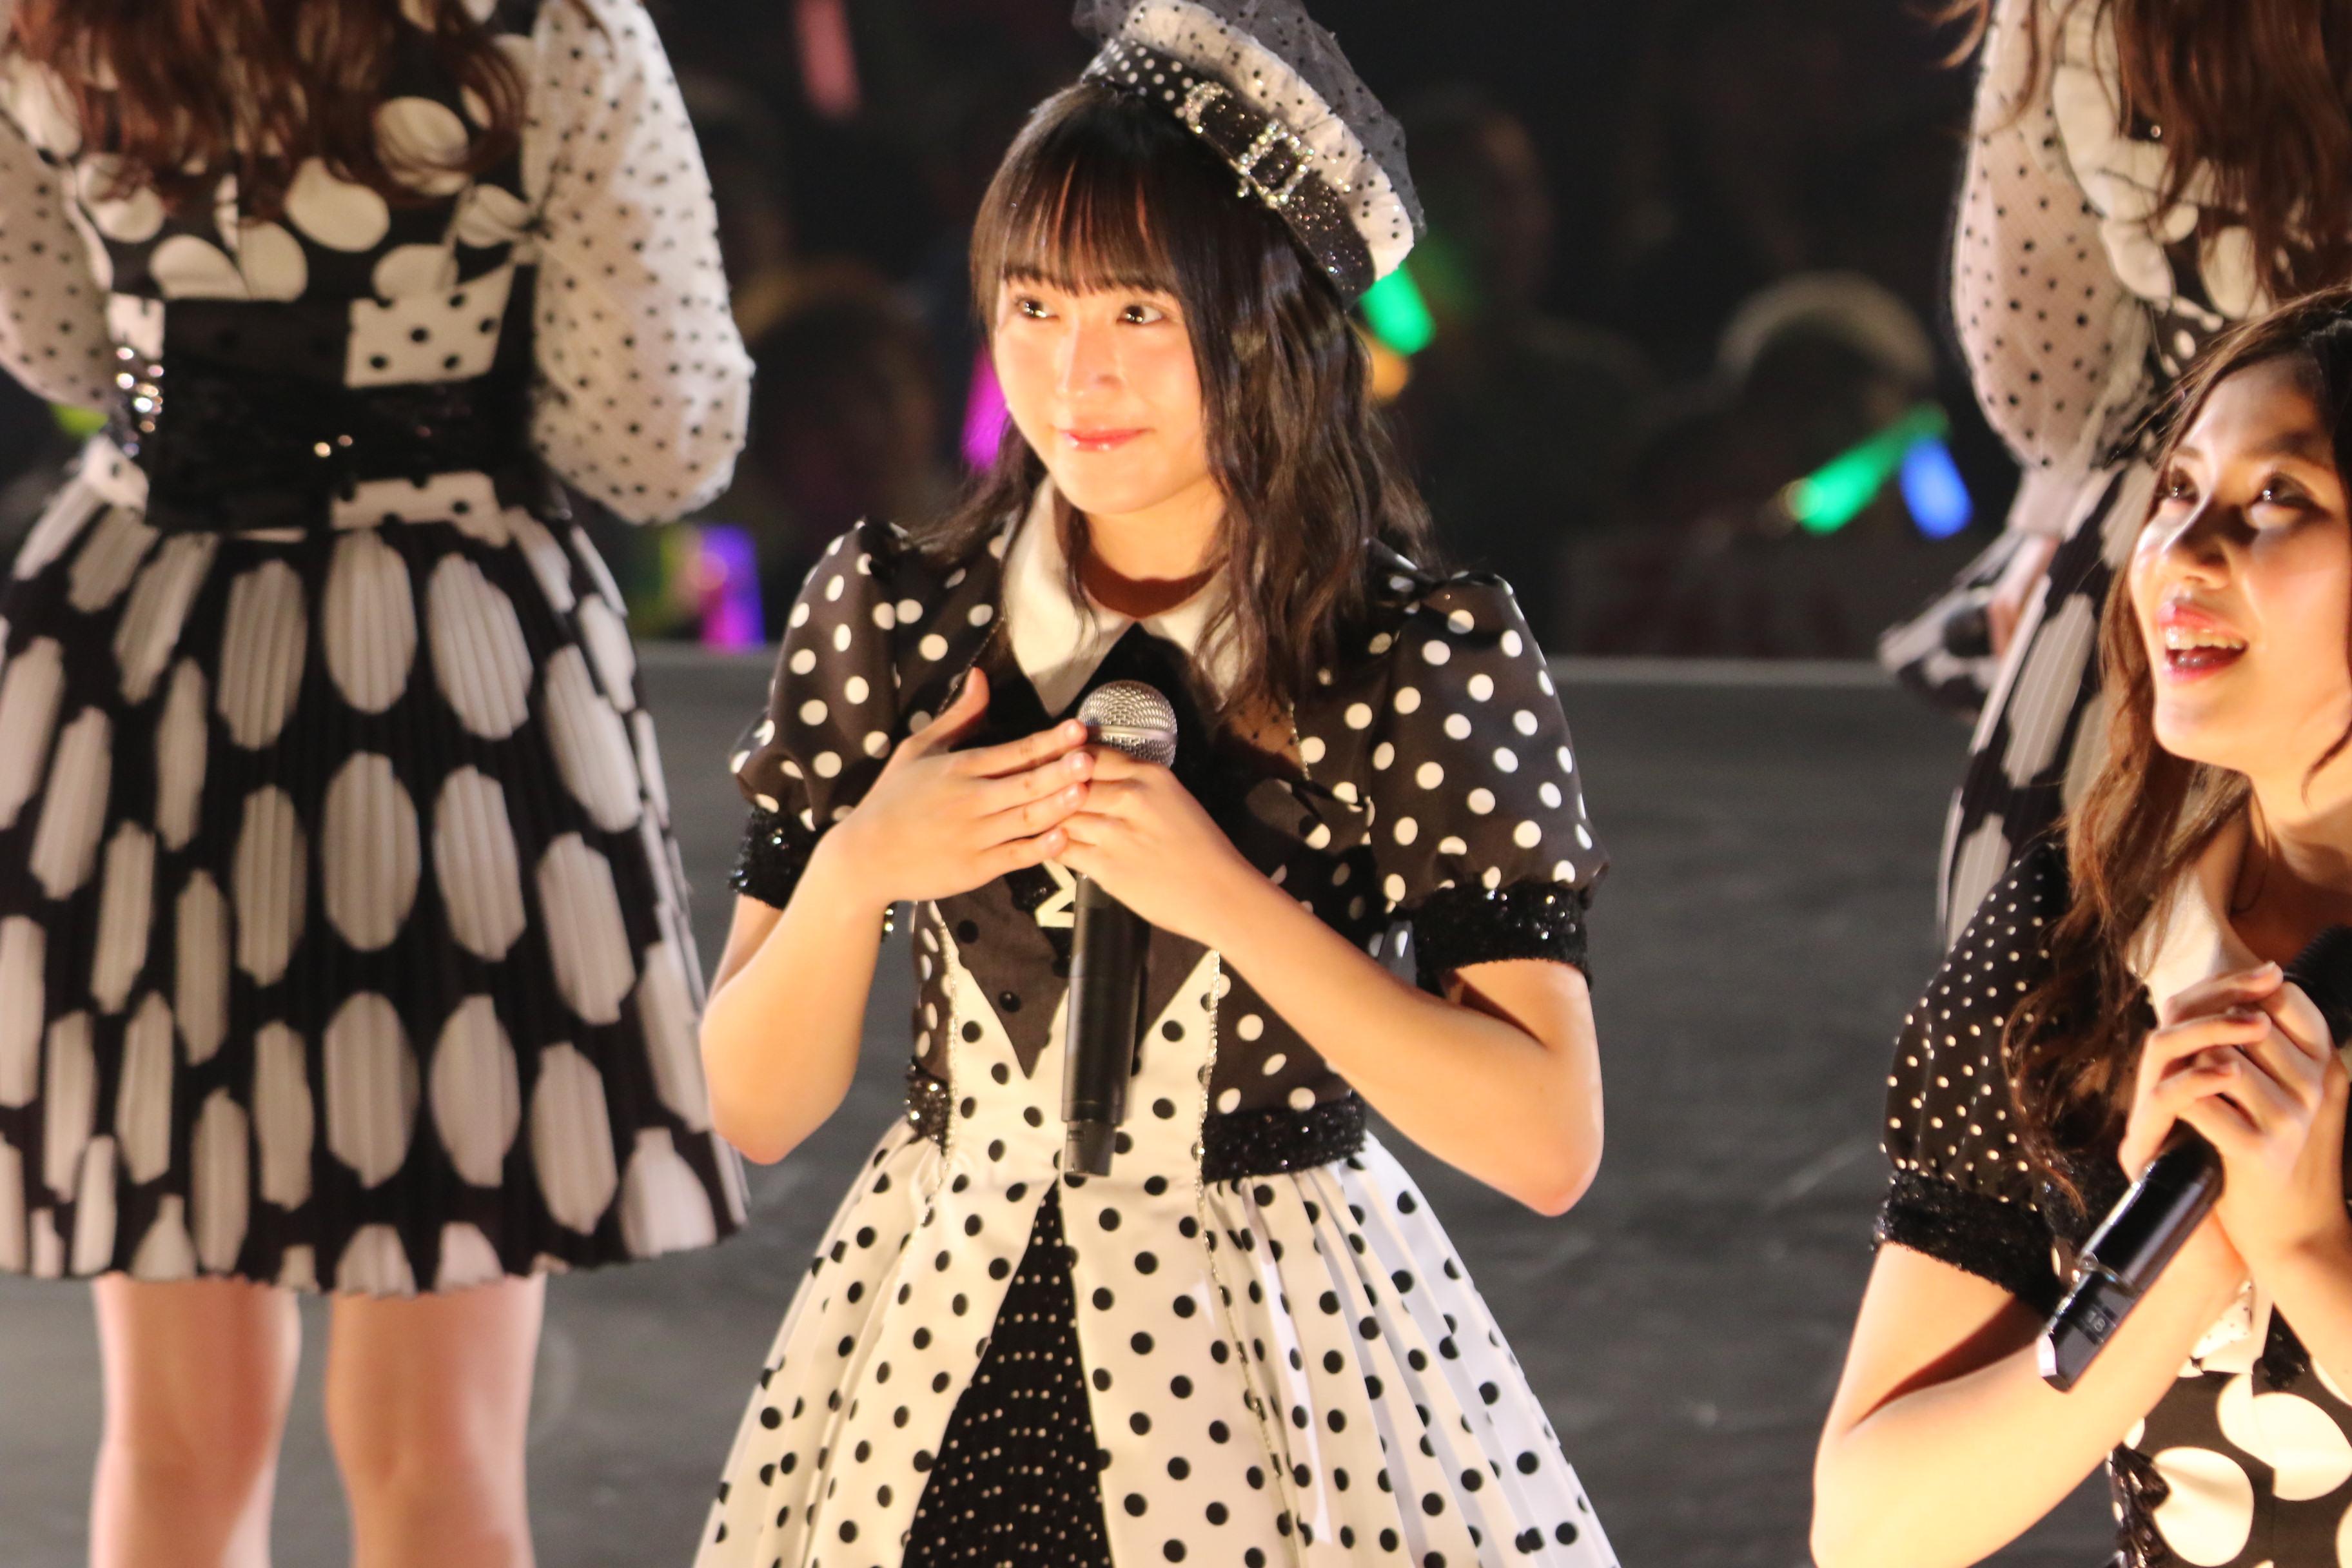 さいたまスーパーアリーナで開催されたAKB48単独コンサートでの坂口渚沙(中央)